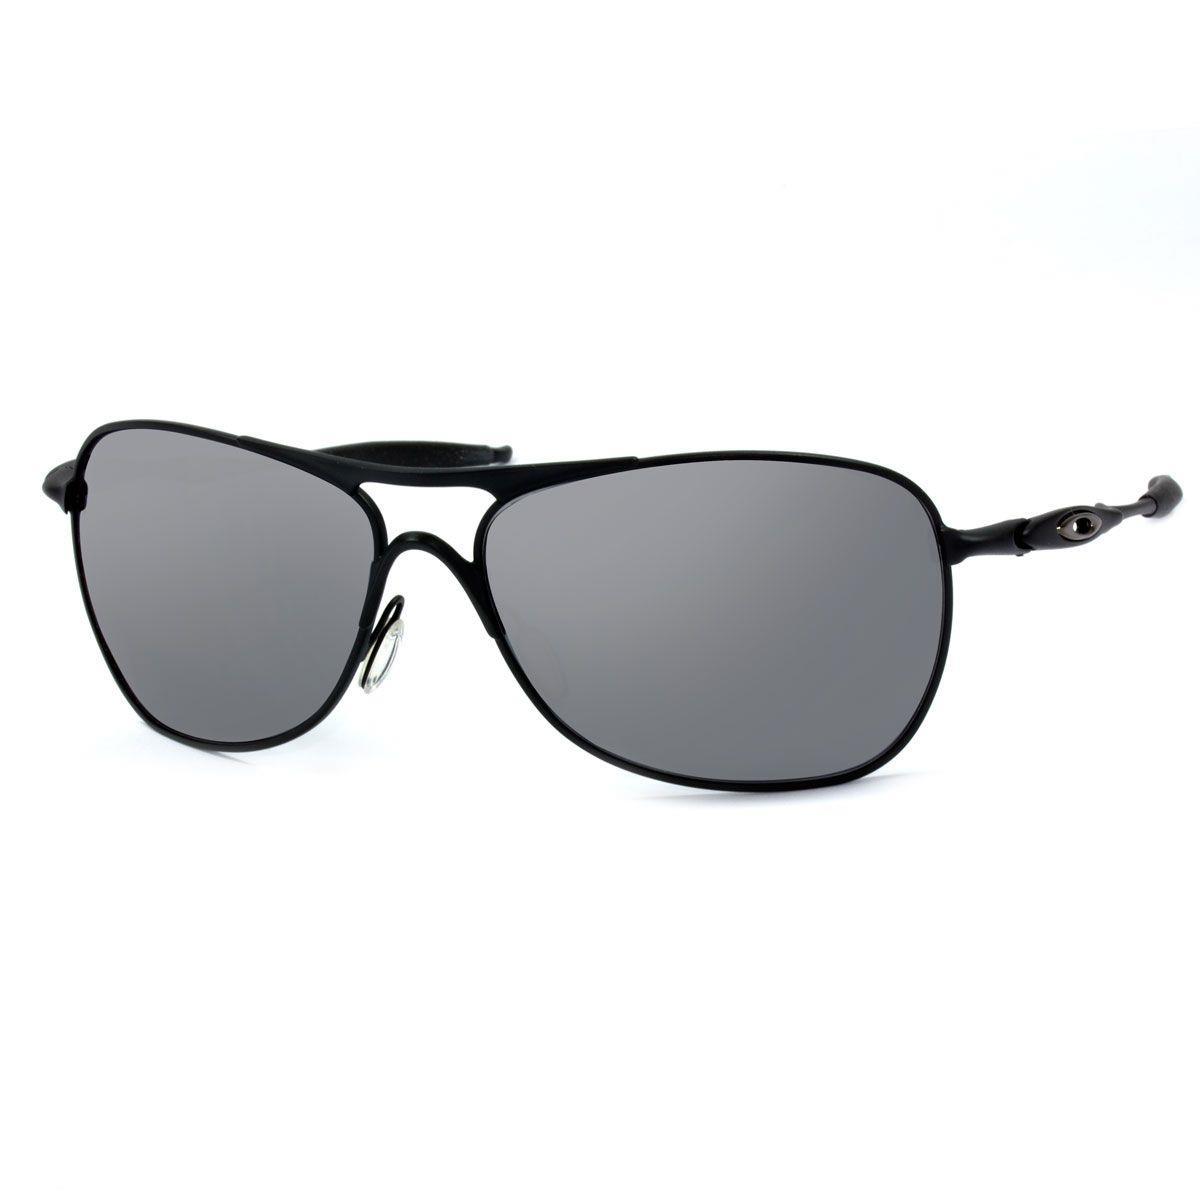 77afb14e72d4b Óculos de Sol Masculino Oakley - OO4060.0361 - OO4060.0361 - OAKLEY